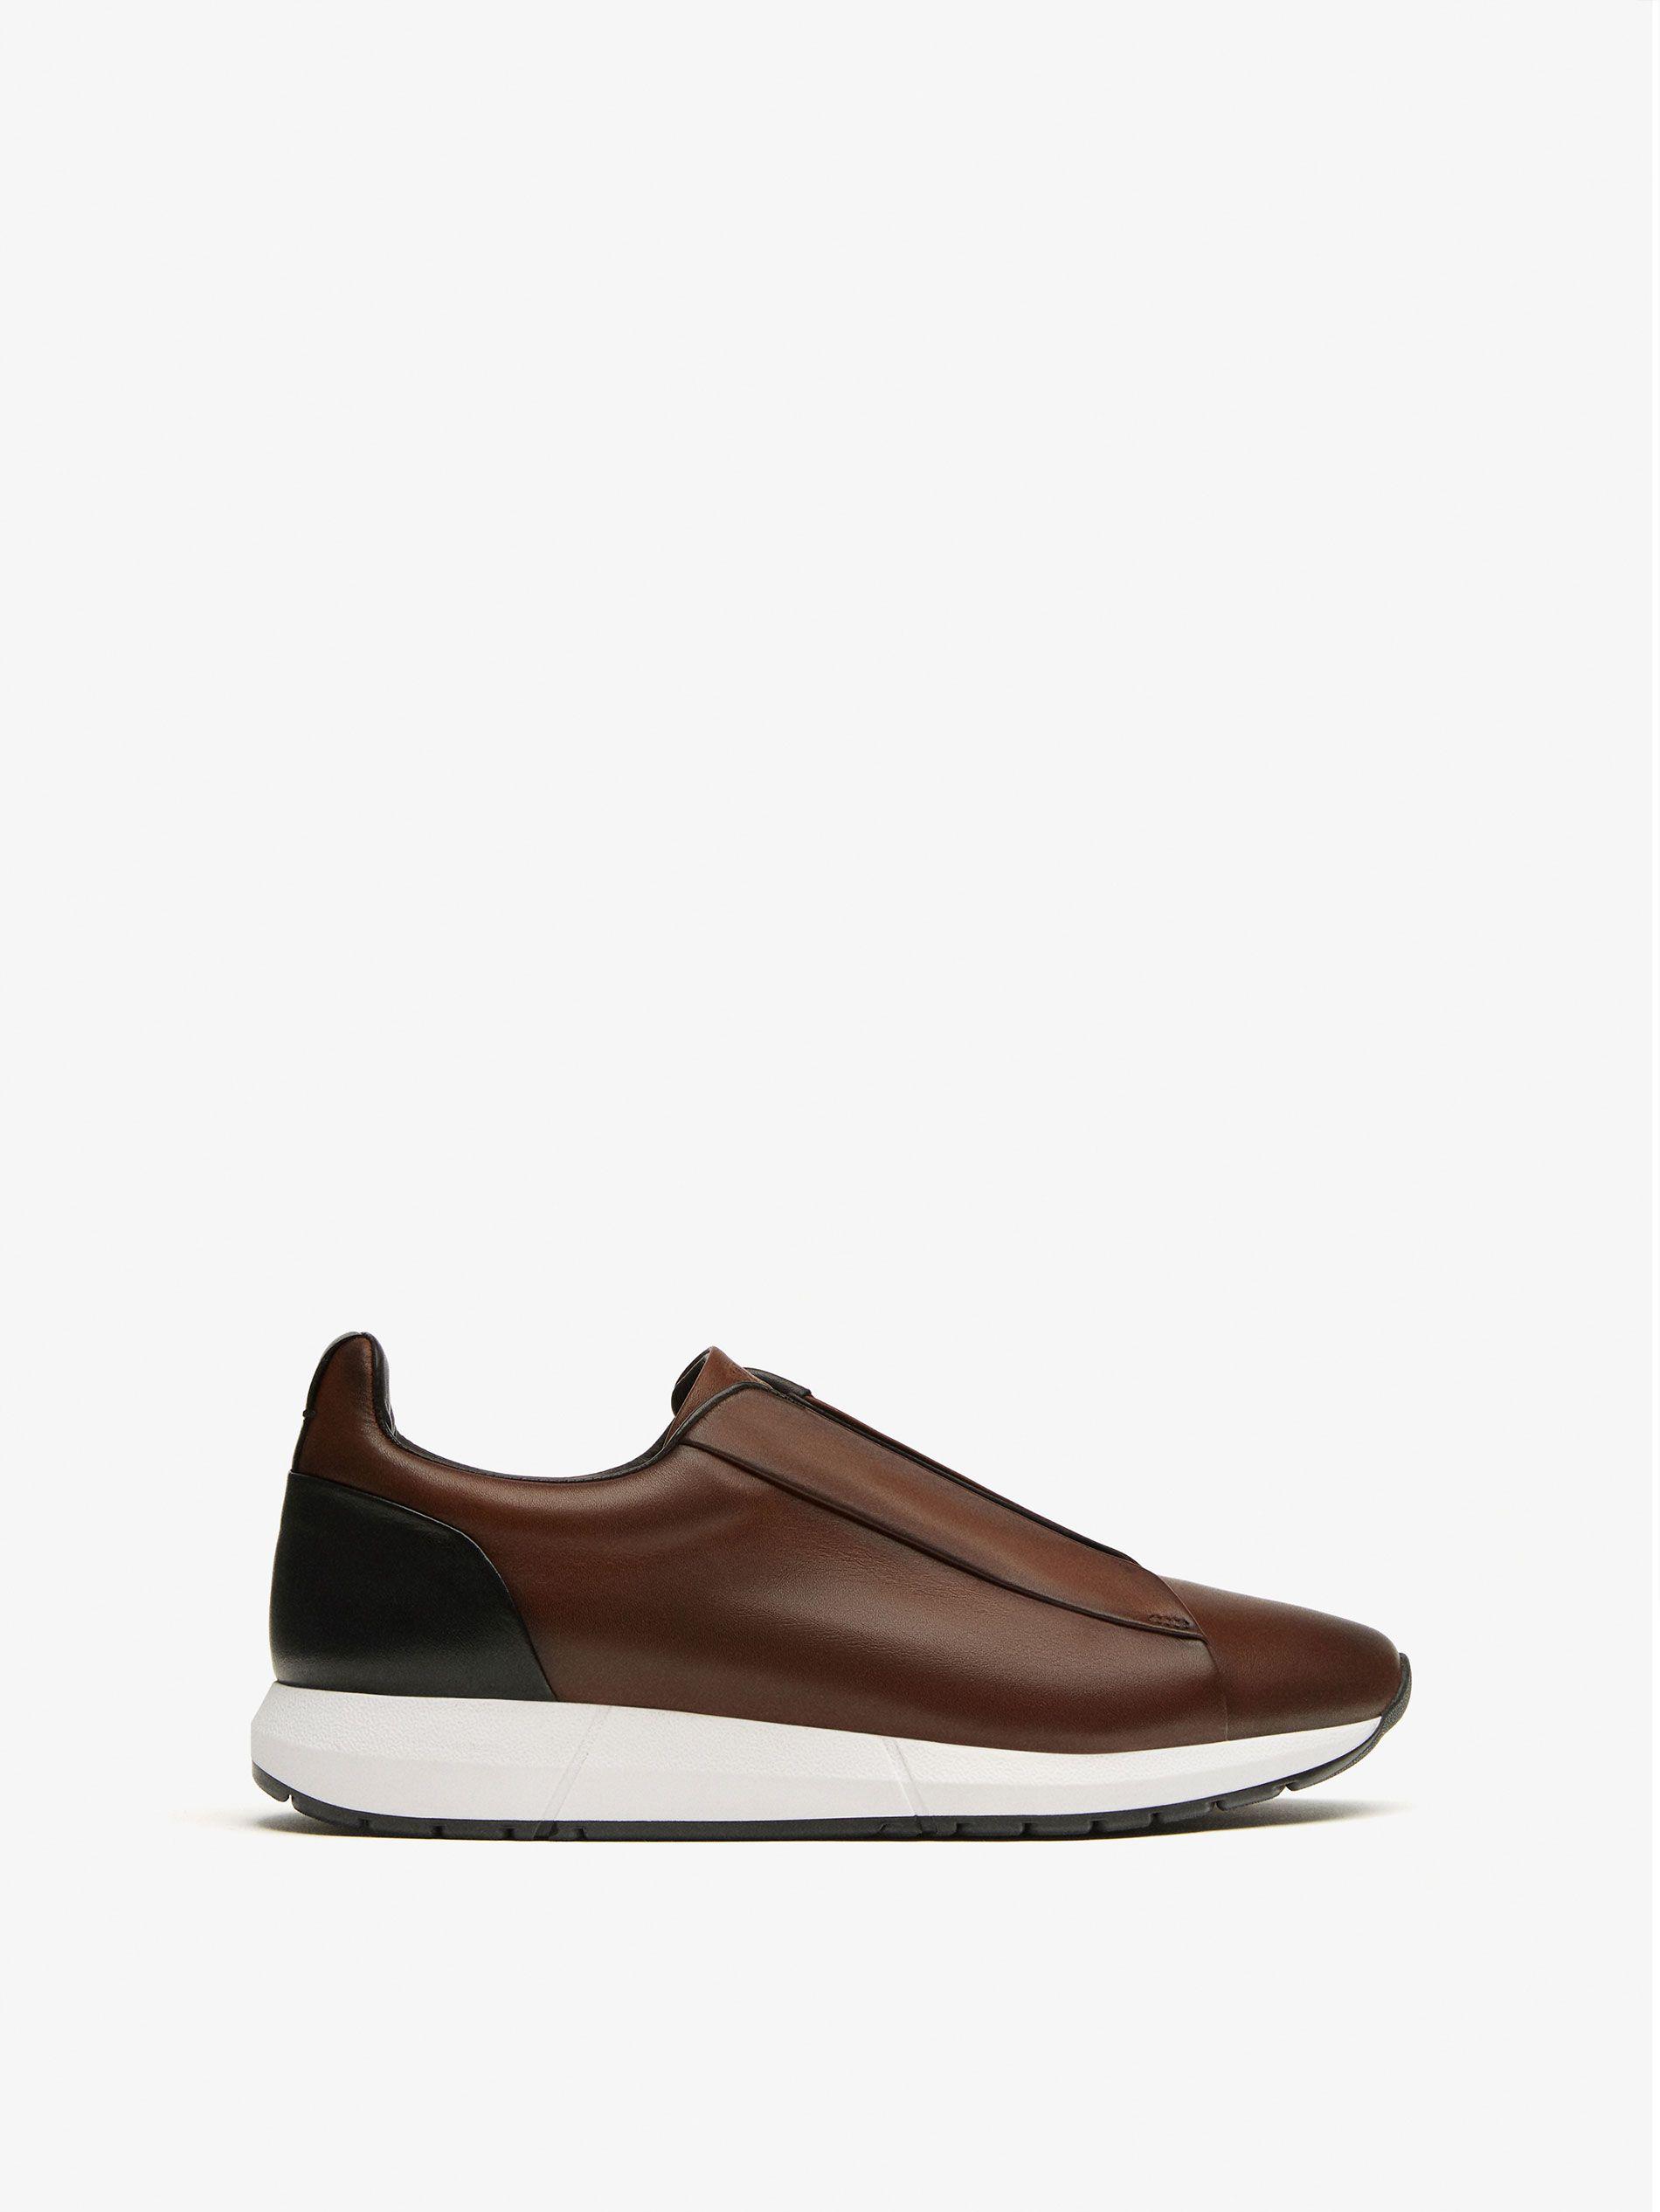 Zapatos grises GUL infantiles p6039